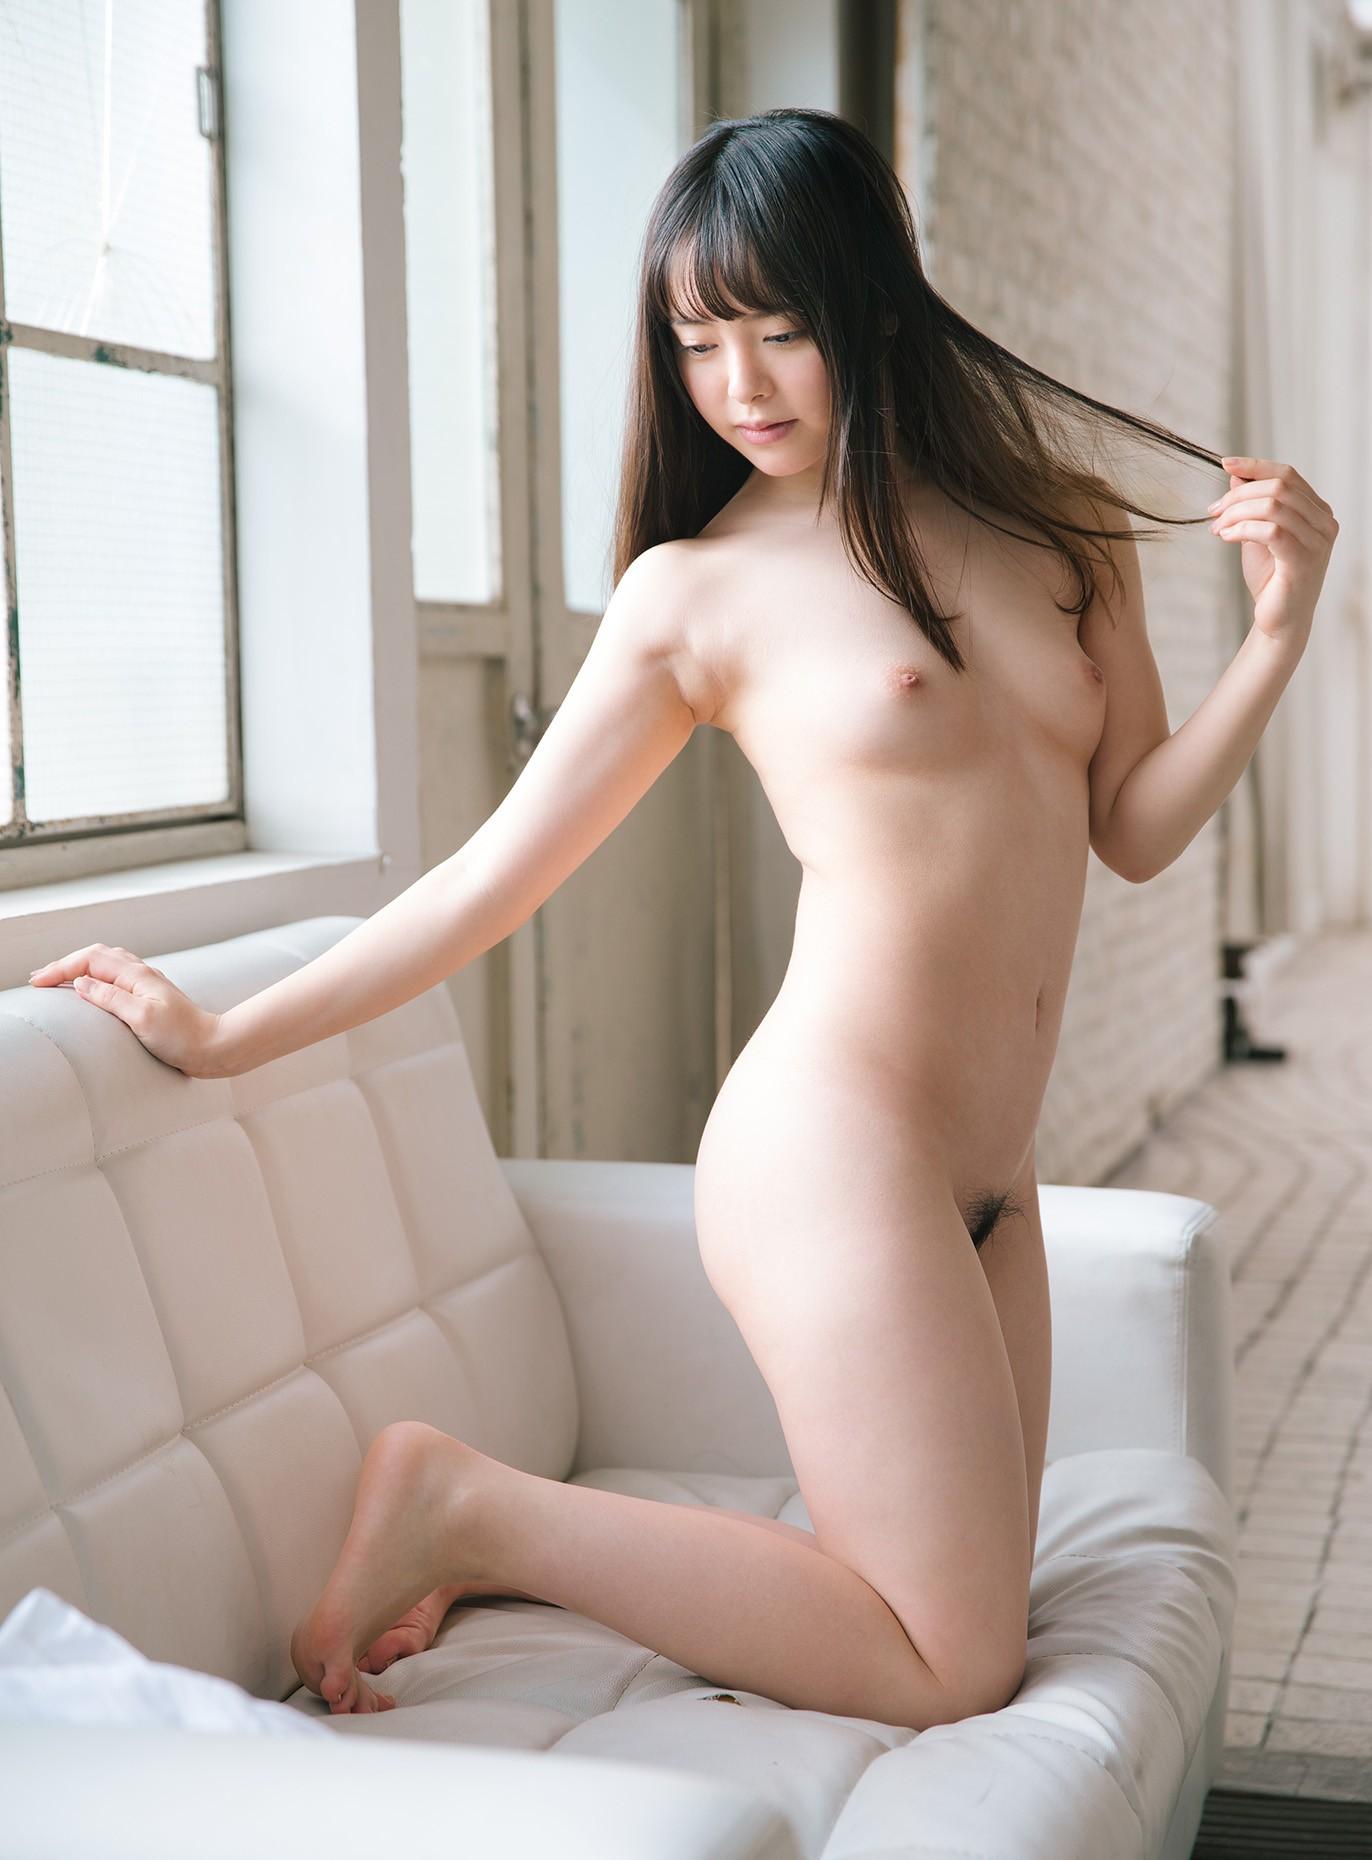 三次元 3次元 エロ画像 AV女優  小倉由菜 ヌード  べっぴん娘通信 065